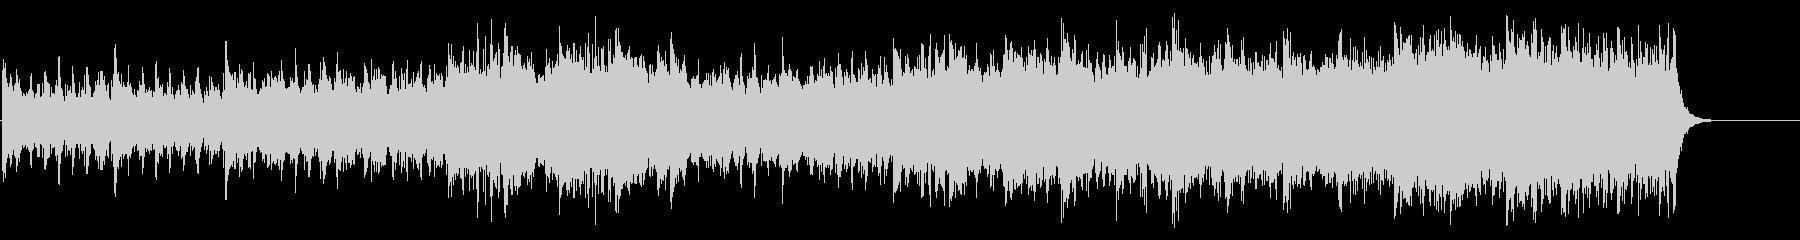 戦国絵巻風サウンド(映画音楽タイプ)の未再生の波形